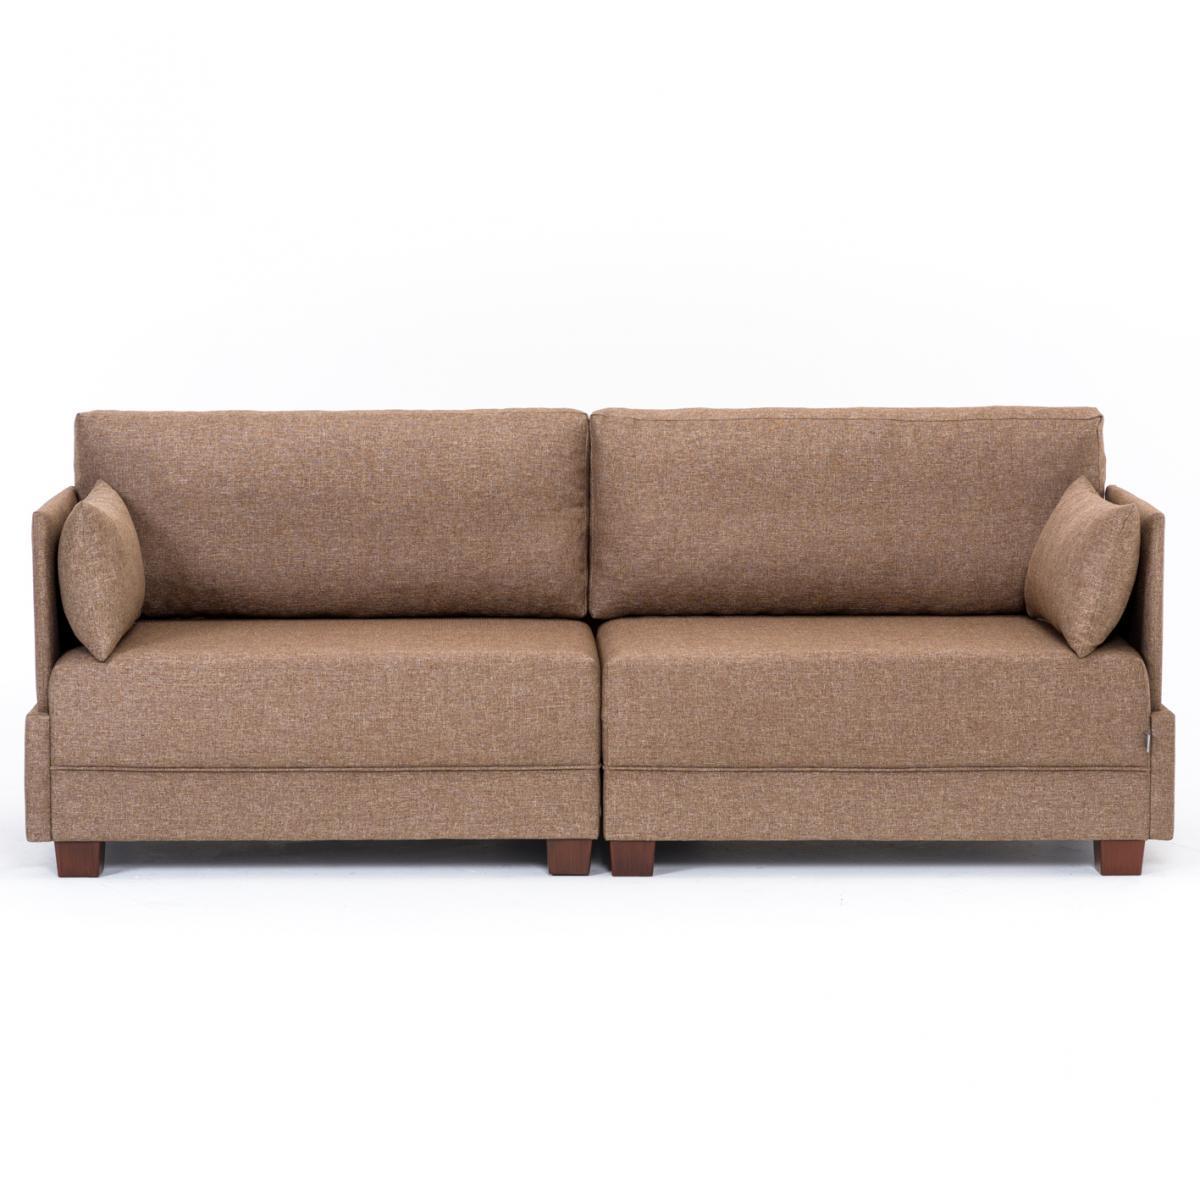 ספה תלת FLY חום מסדרת Evdebiz